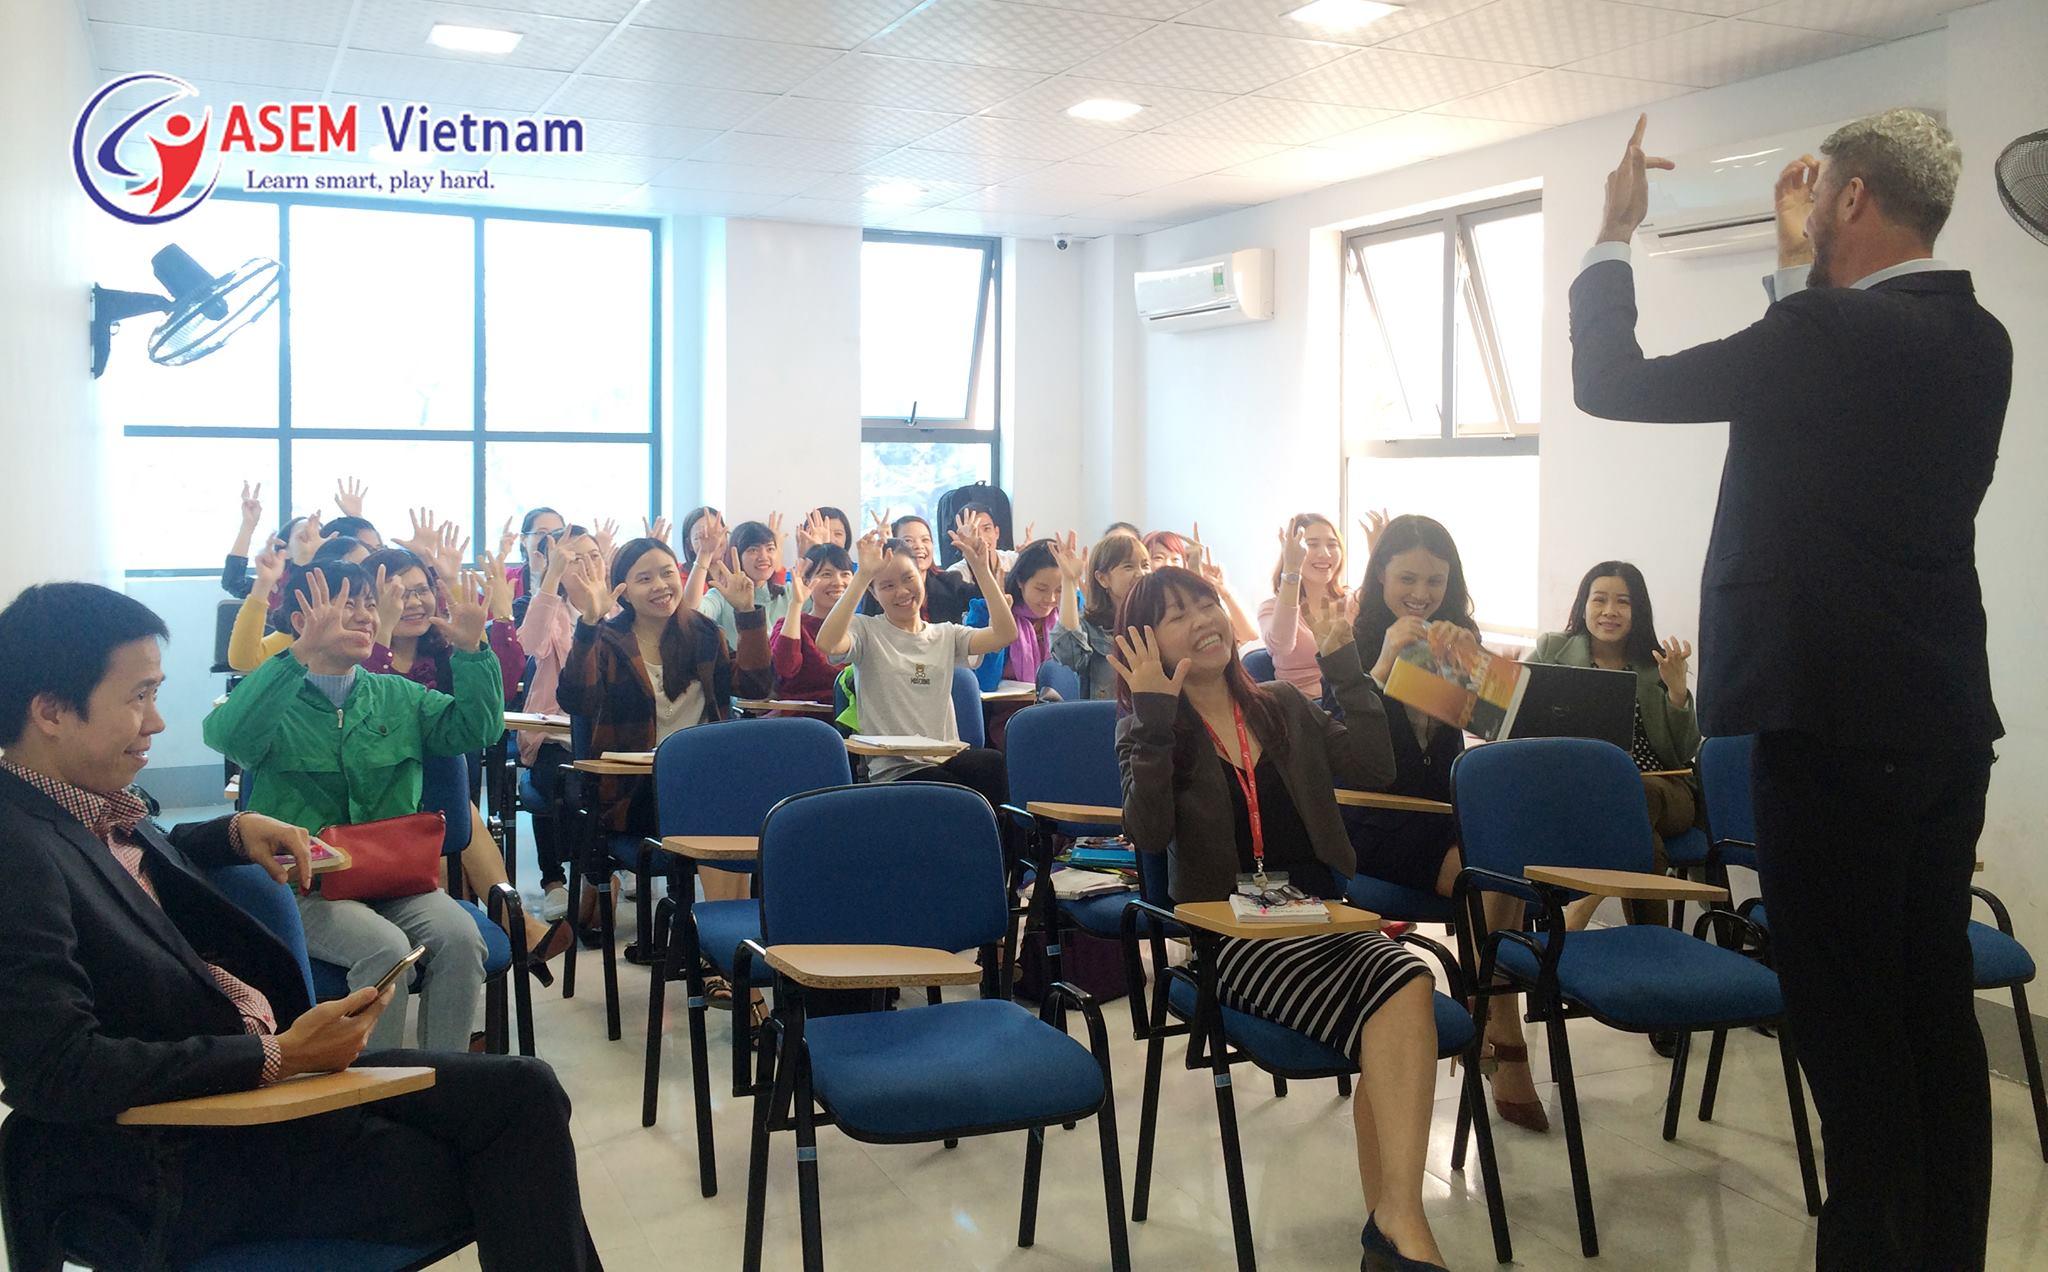 Đào tạo giáo viên ASEM Vietnam - Tháng 4